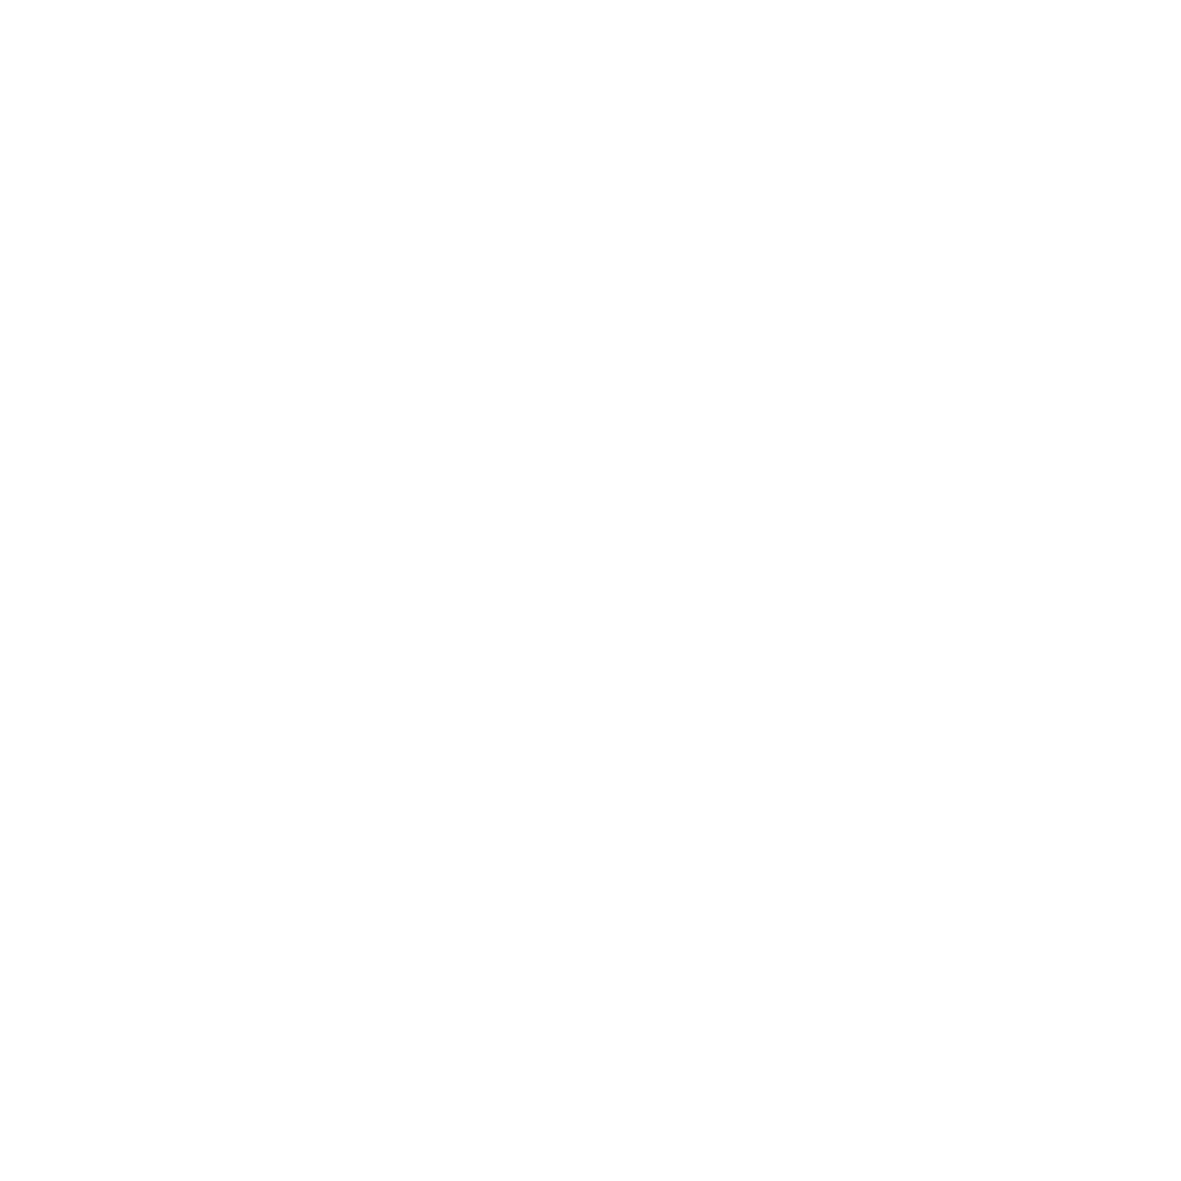 Dunisoft Servietten 20x20 cm - weiß